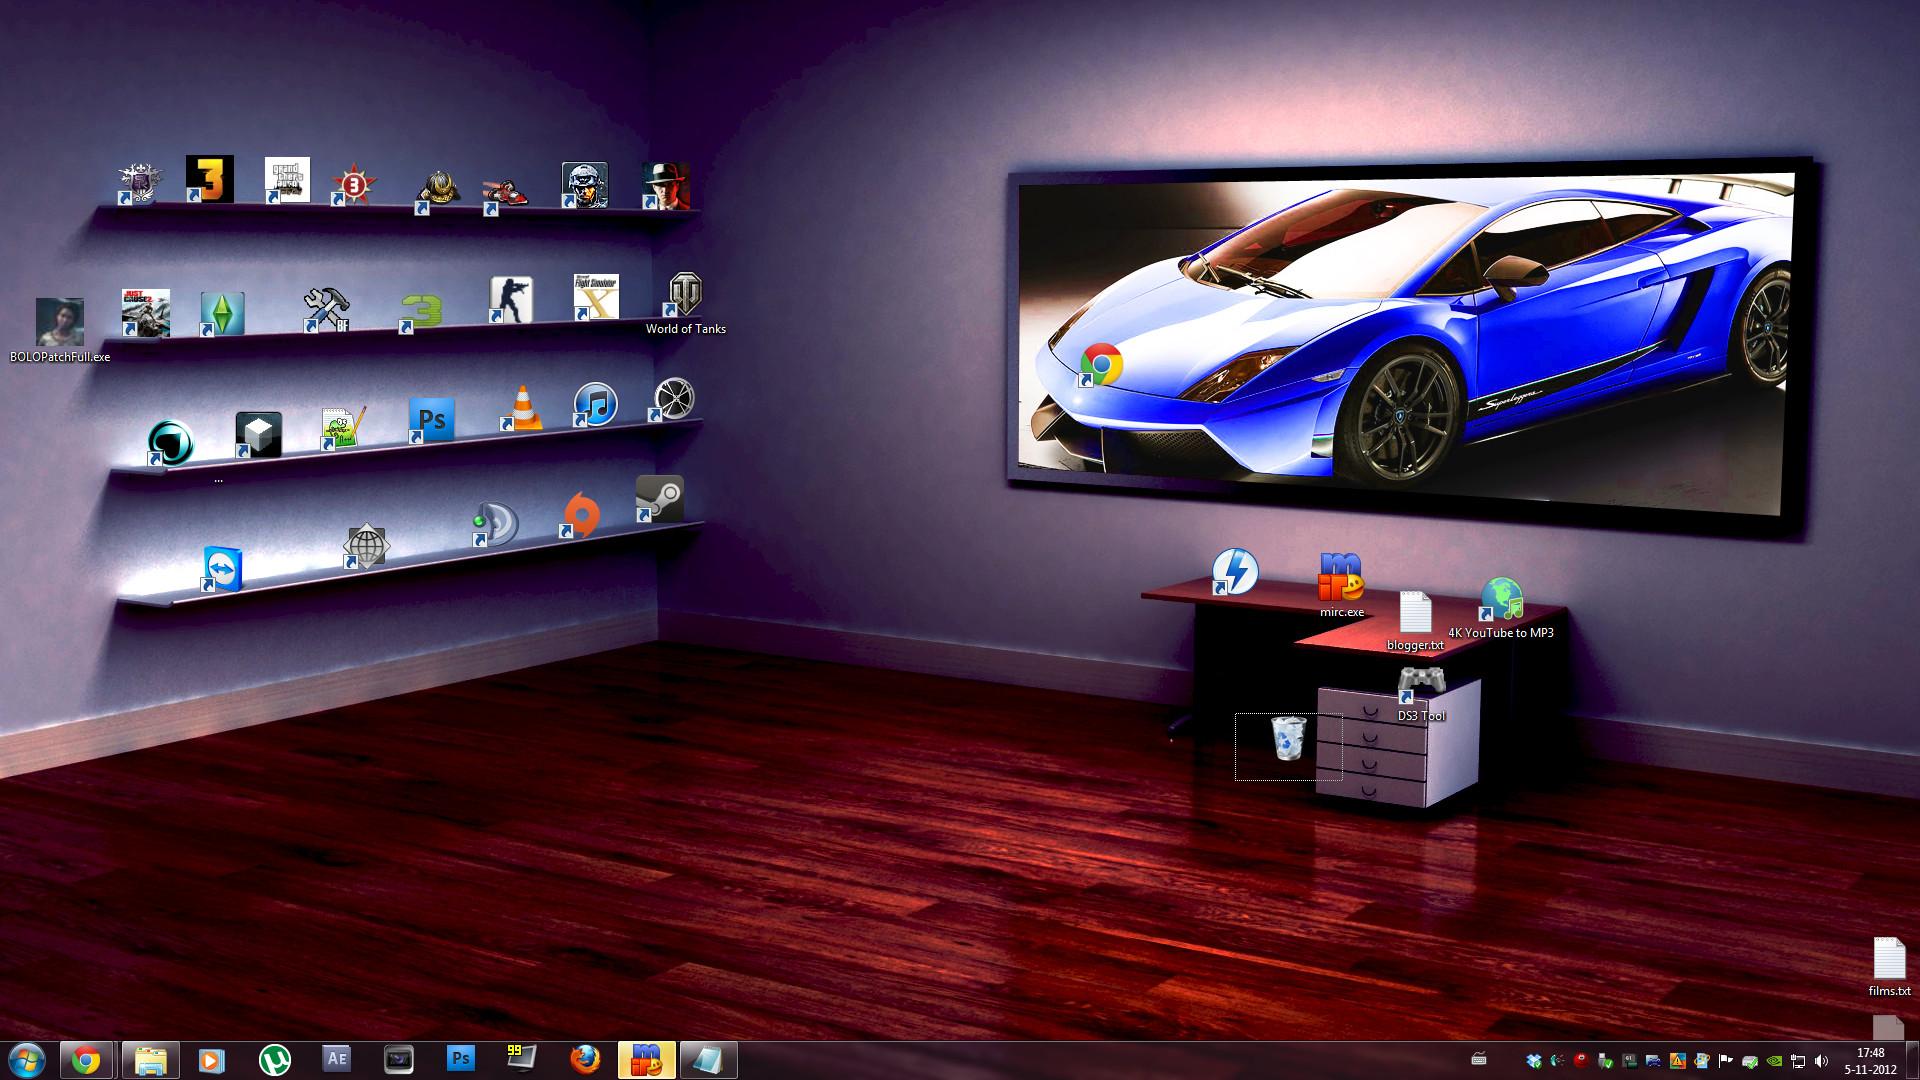 1920x1080 Rate My Desktop - desktop background